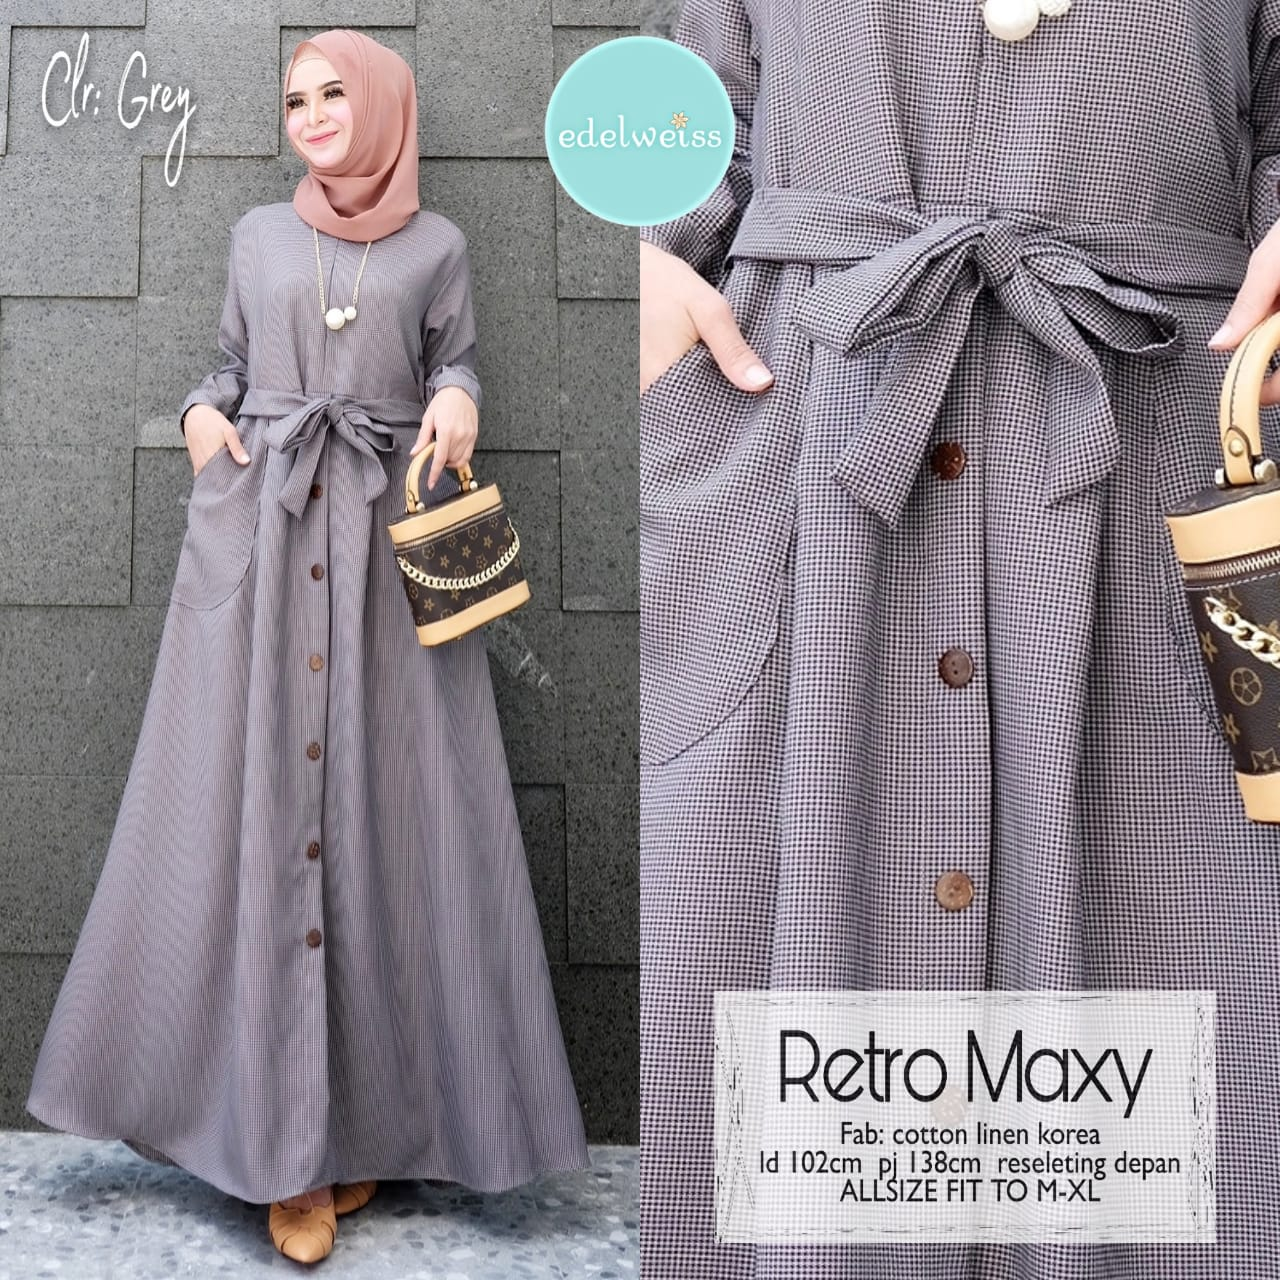 COD Realpict Gamis Retro Maxy Cotton Linen Korea  Gamis Batik Brokat  Muslimah Syari Terbaru  Model Gamis Batik Polos & Kombinasi Terbaru